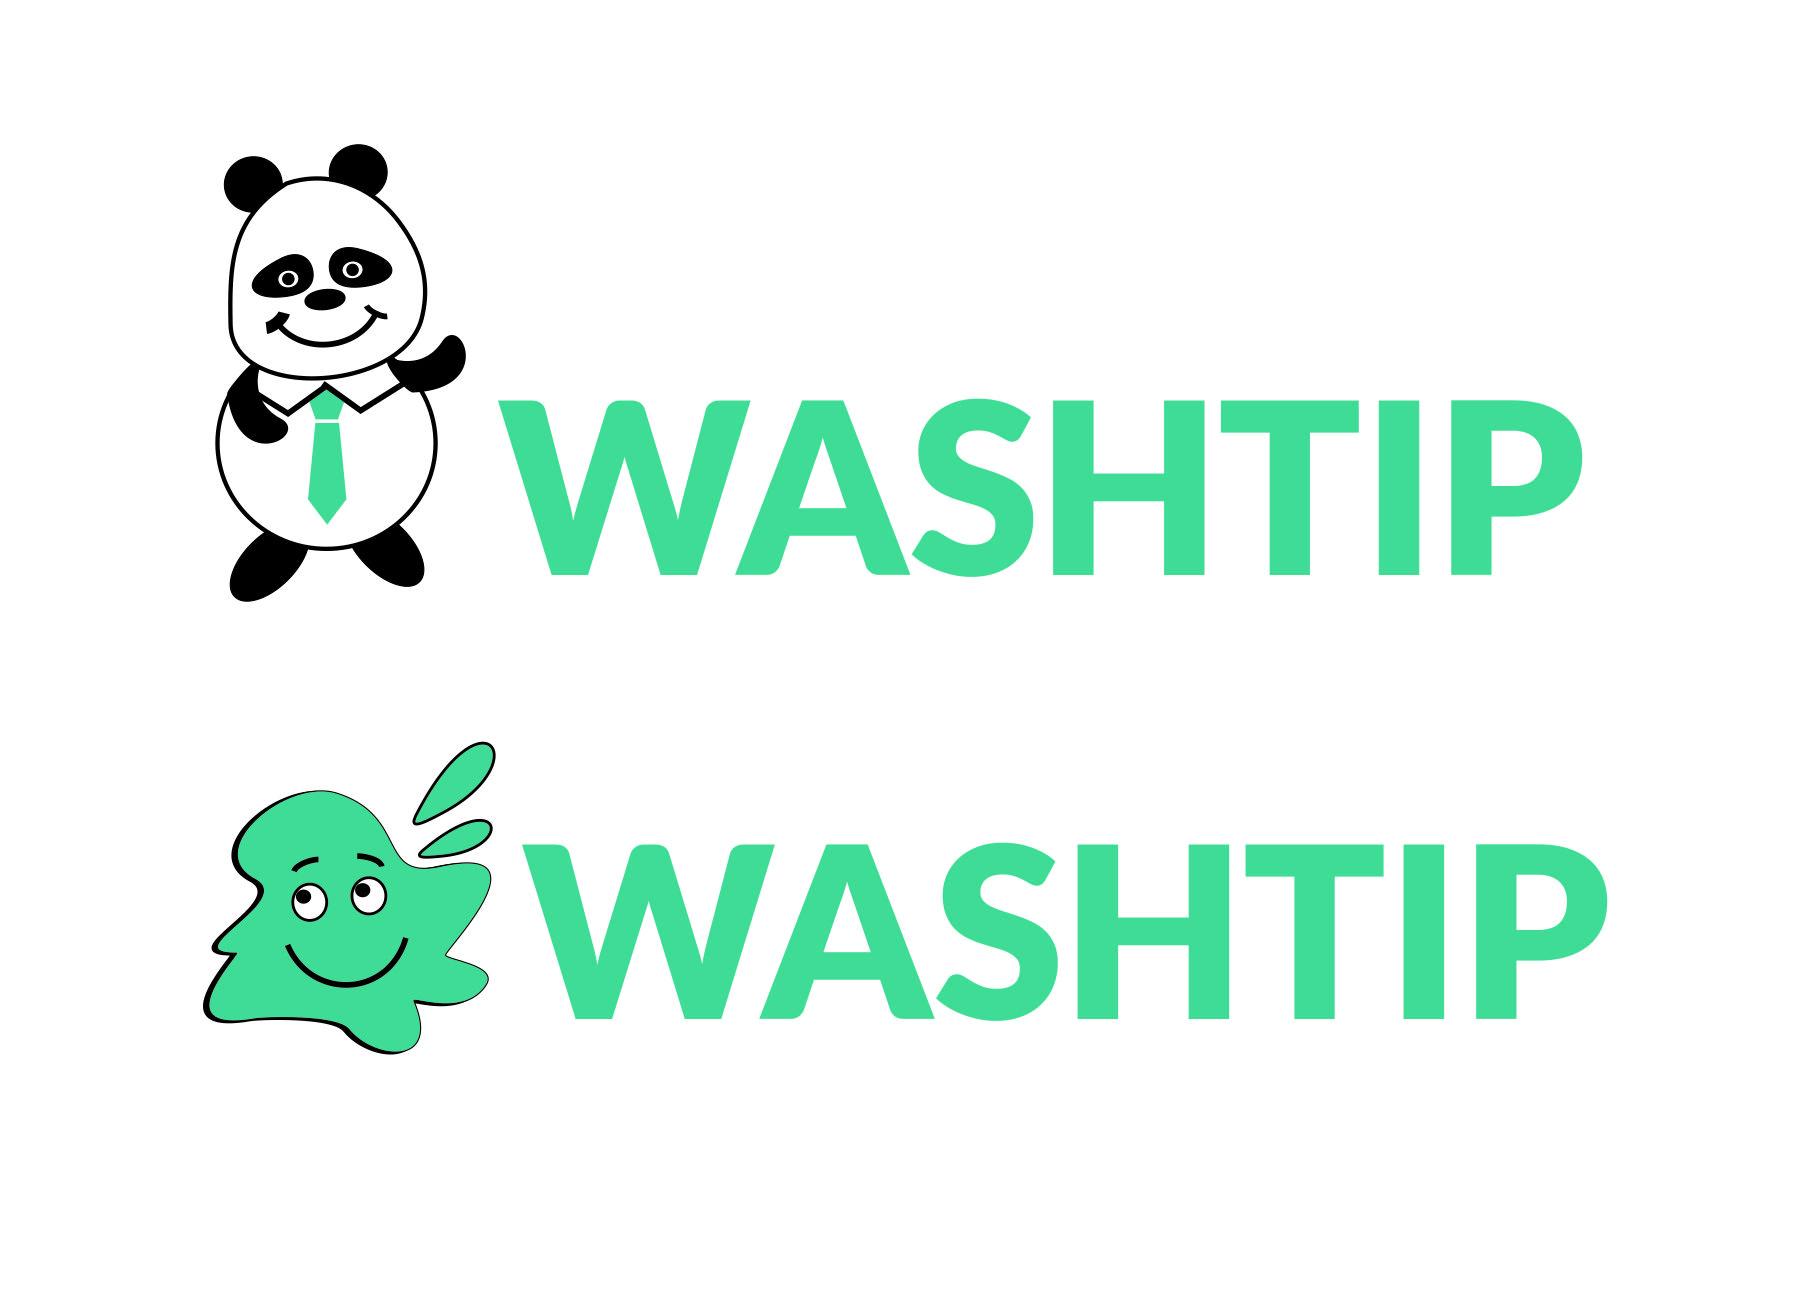 Разработка логотипа для онлайн-сервиса химчистки фото f_7685c0807452eeda.jpg